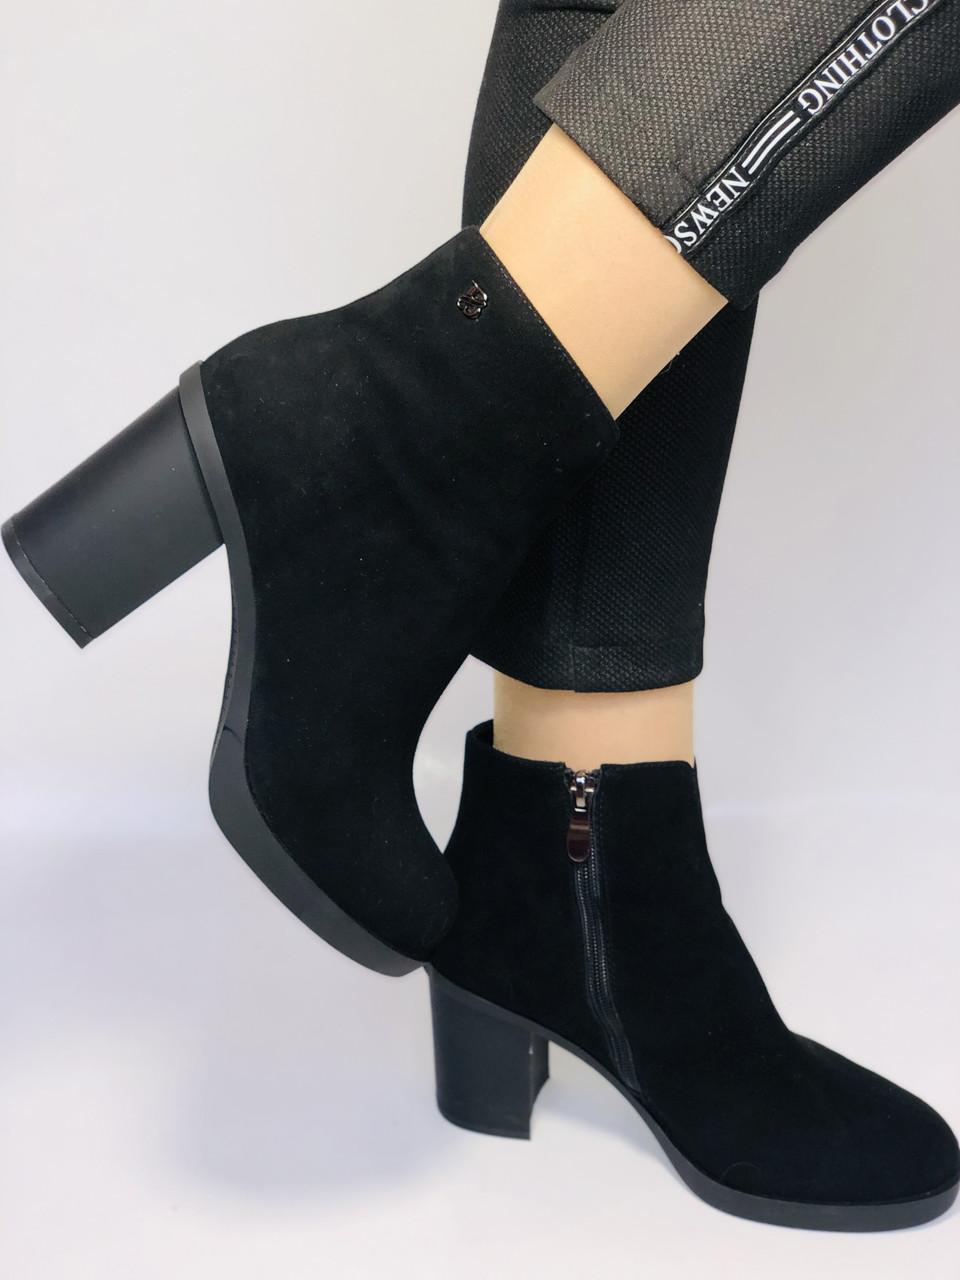 Женские ботинки. На среднем каблуке. Натуральный замш. Люкс качество. Blue Tempt. Р. 37, 38 .Vellena